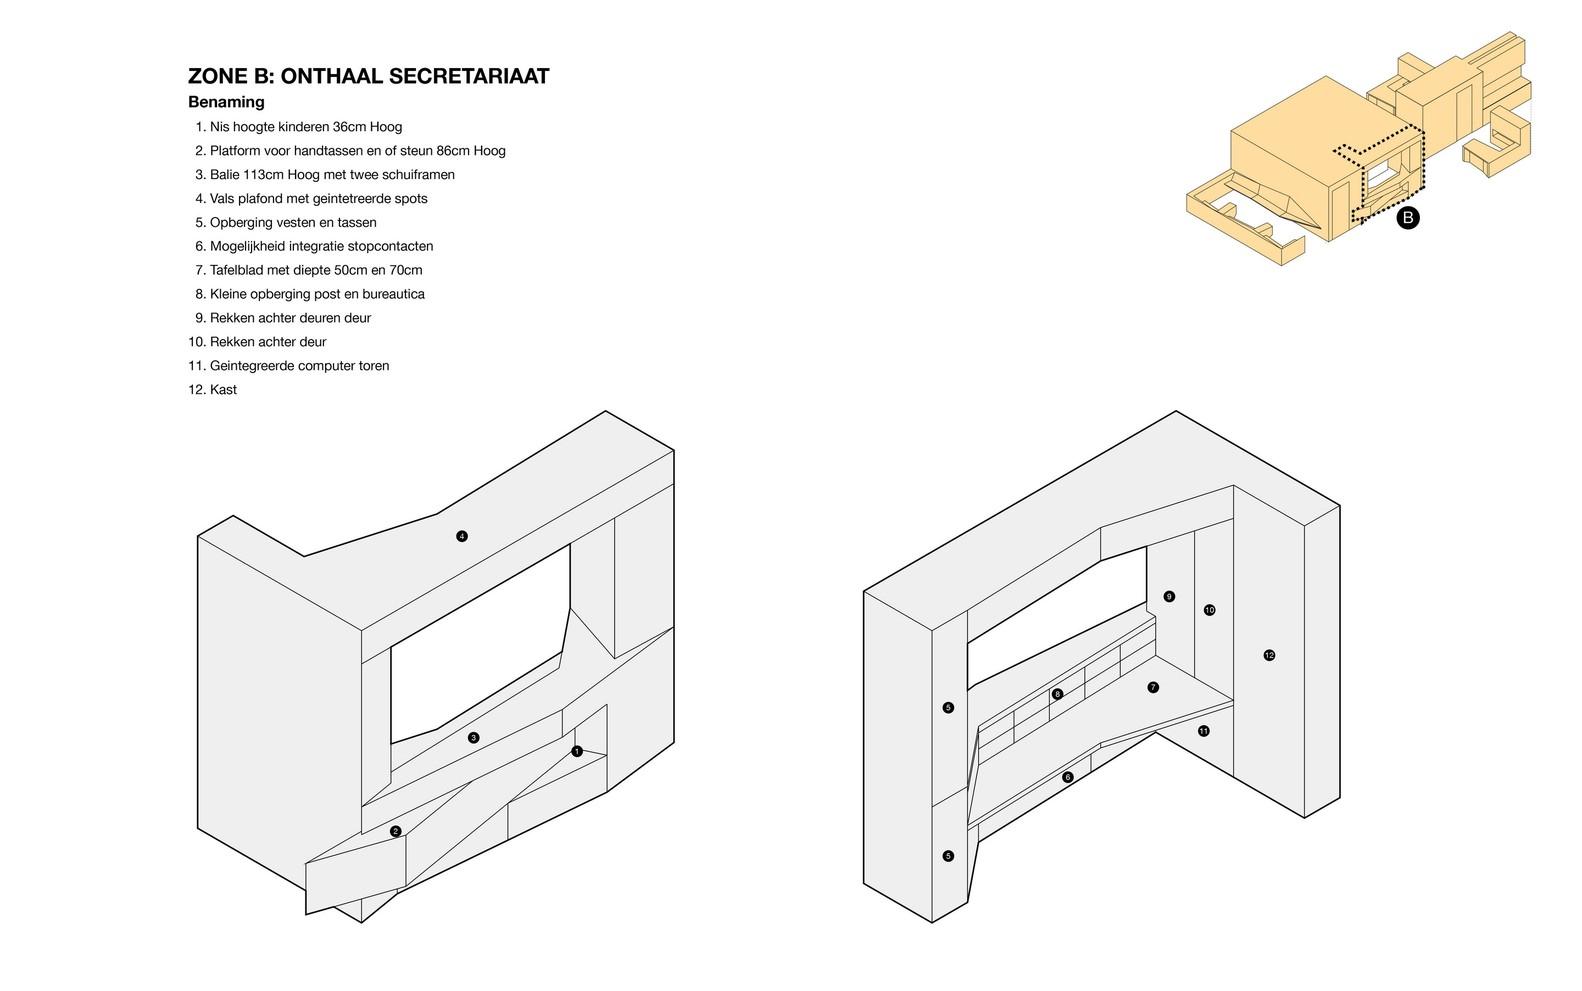 Stellingkast Diepte 50 Cm.Gallery Of Medical Practice De Schuyter Joshua Florquin Architects